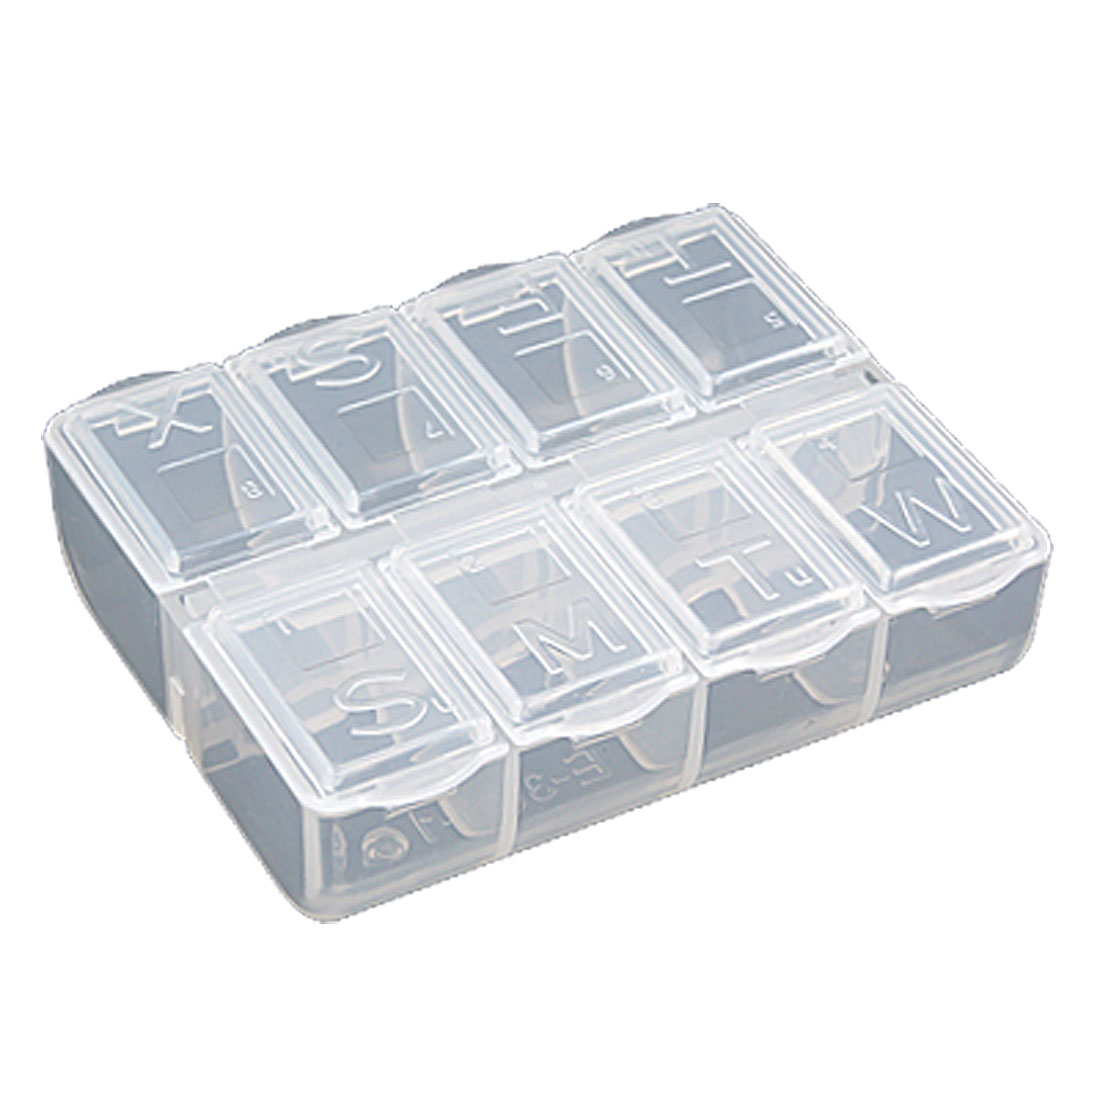 Unique Bargains Clear White Clarity Components Box Plastic Storage Case